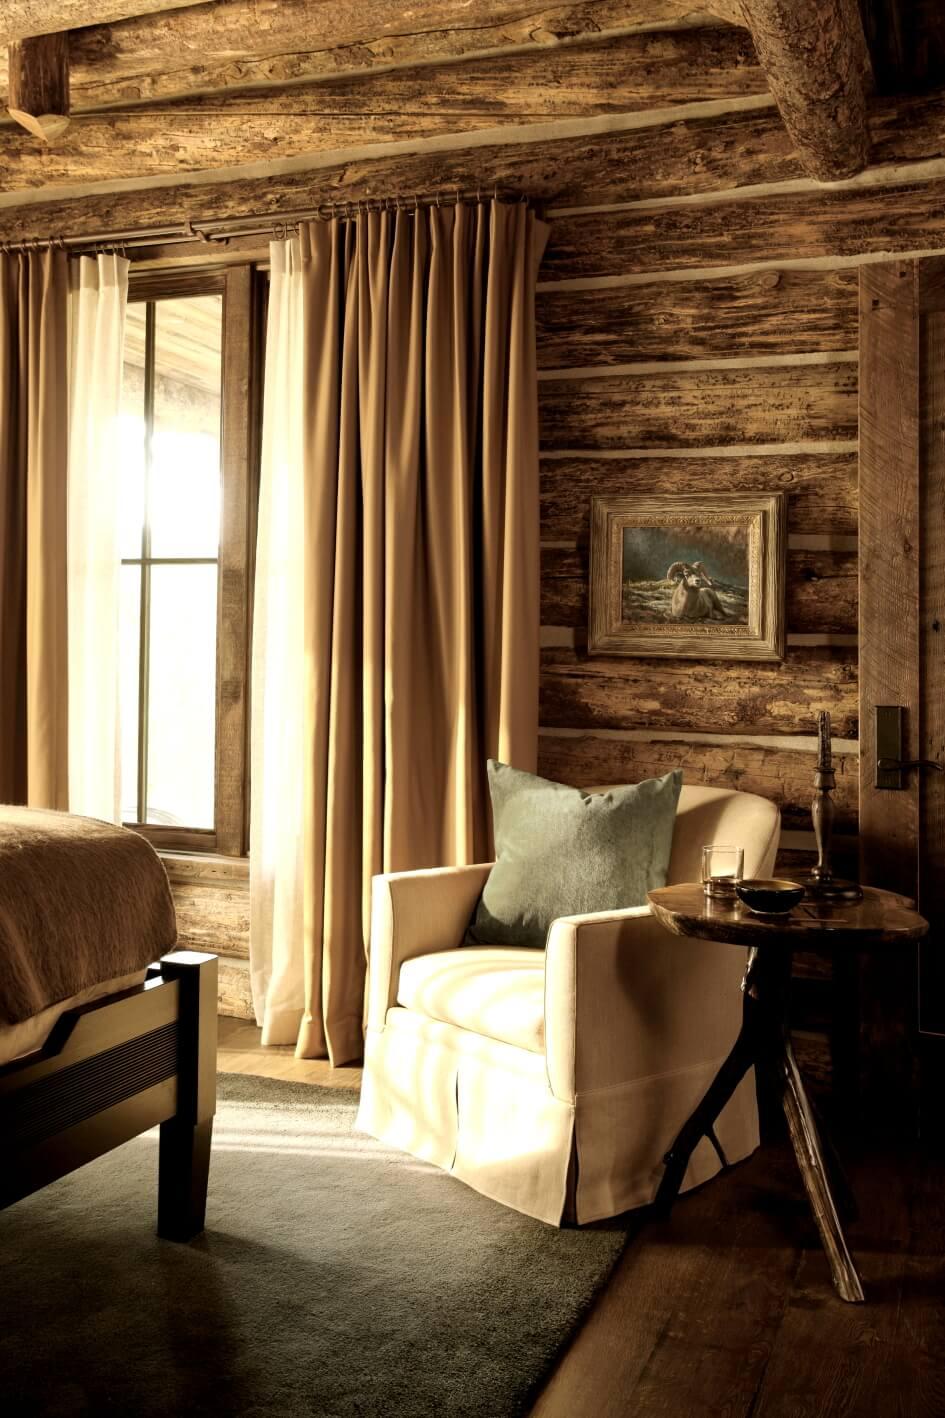 wood wall, floor, ceiling, mini table, bedroom design ideas